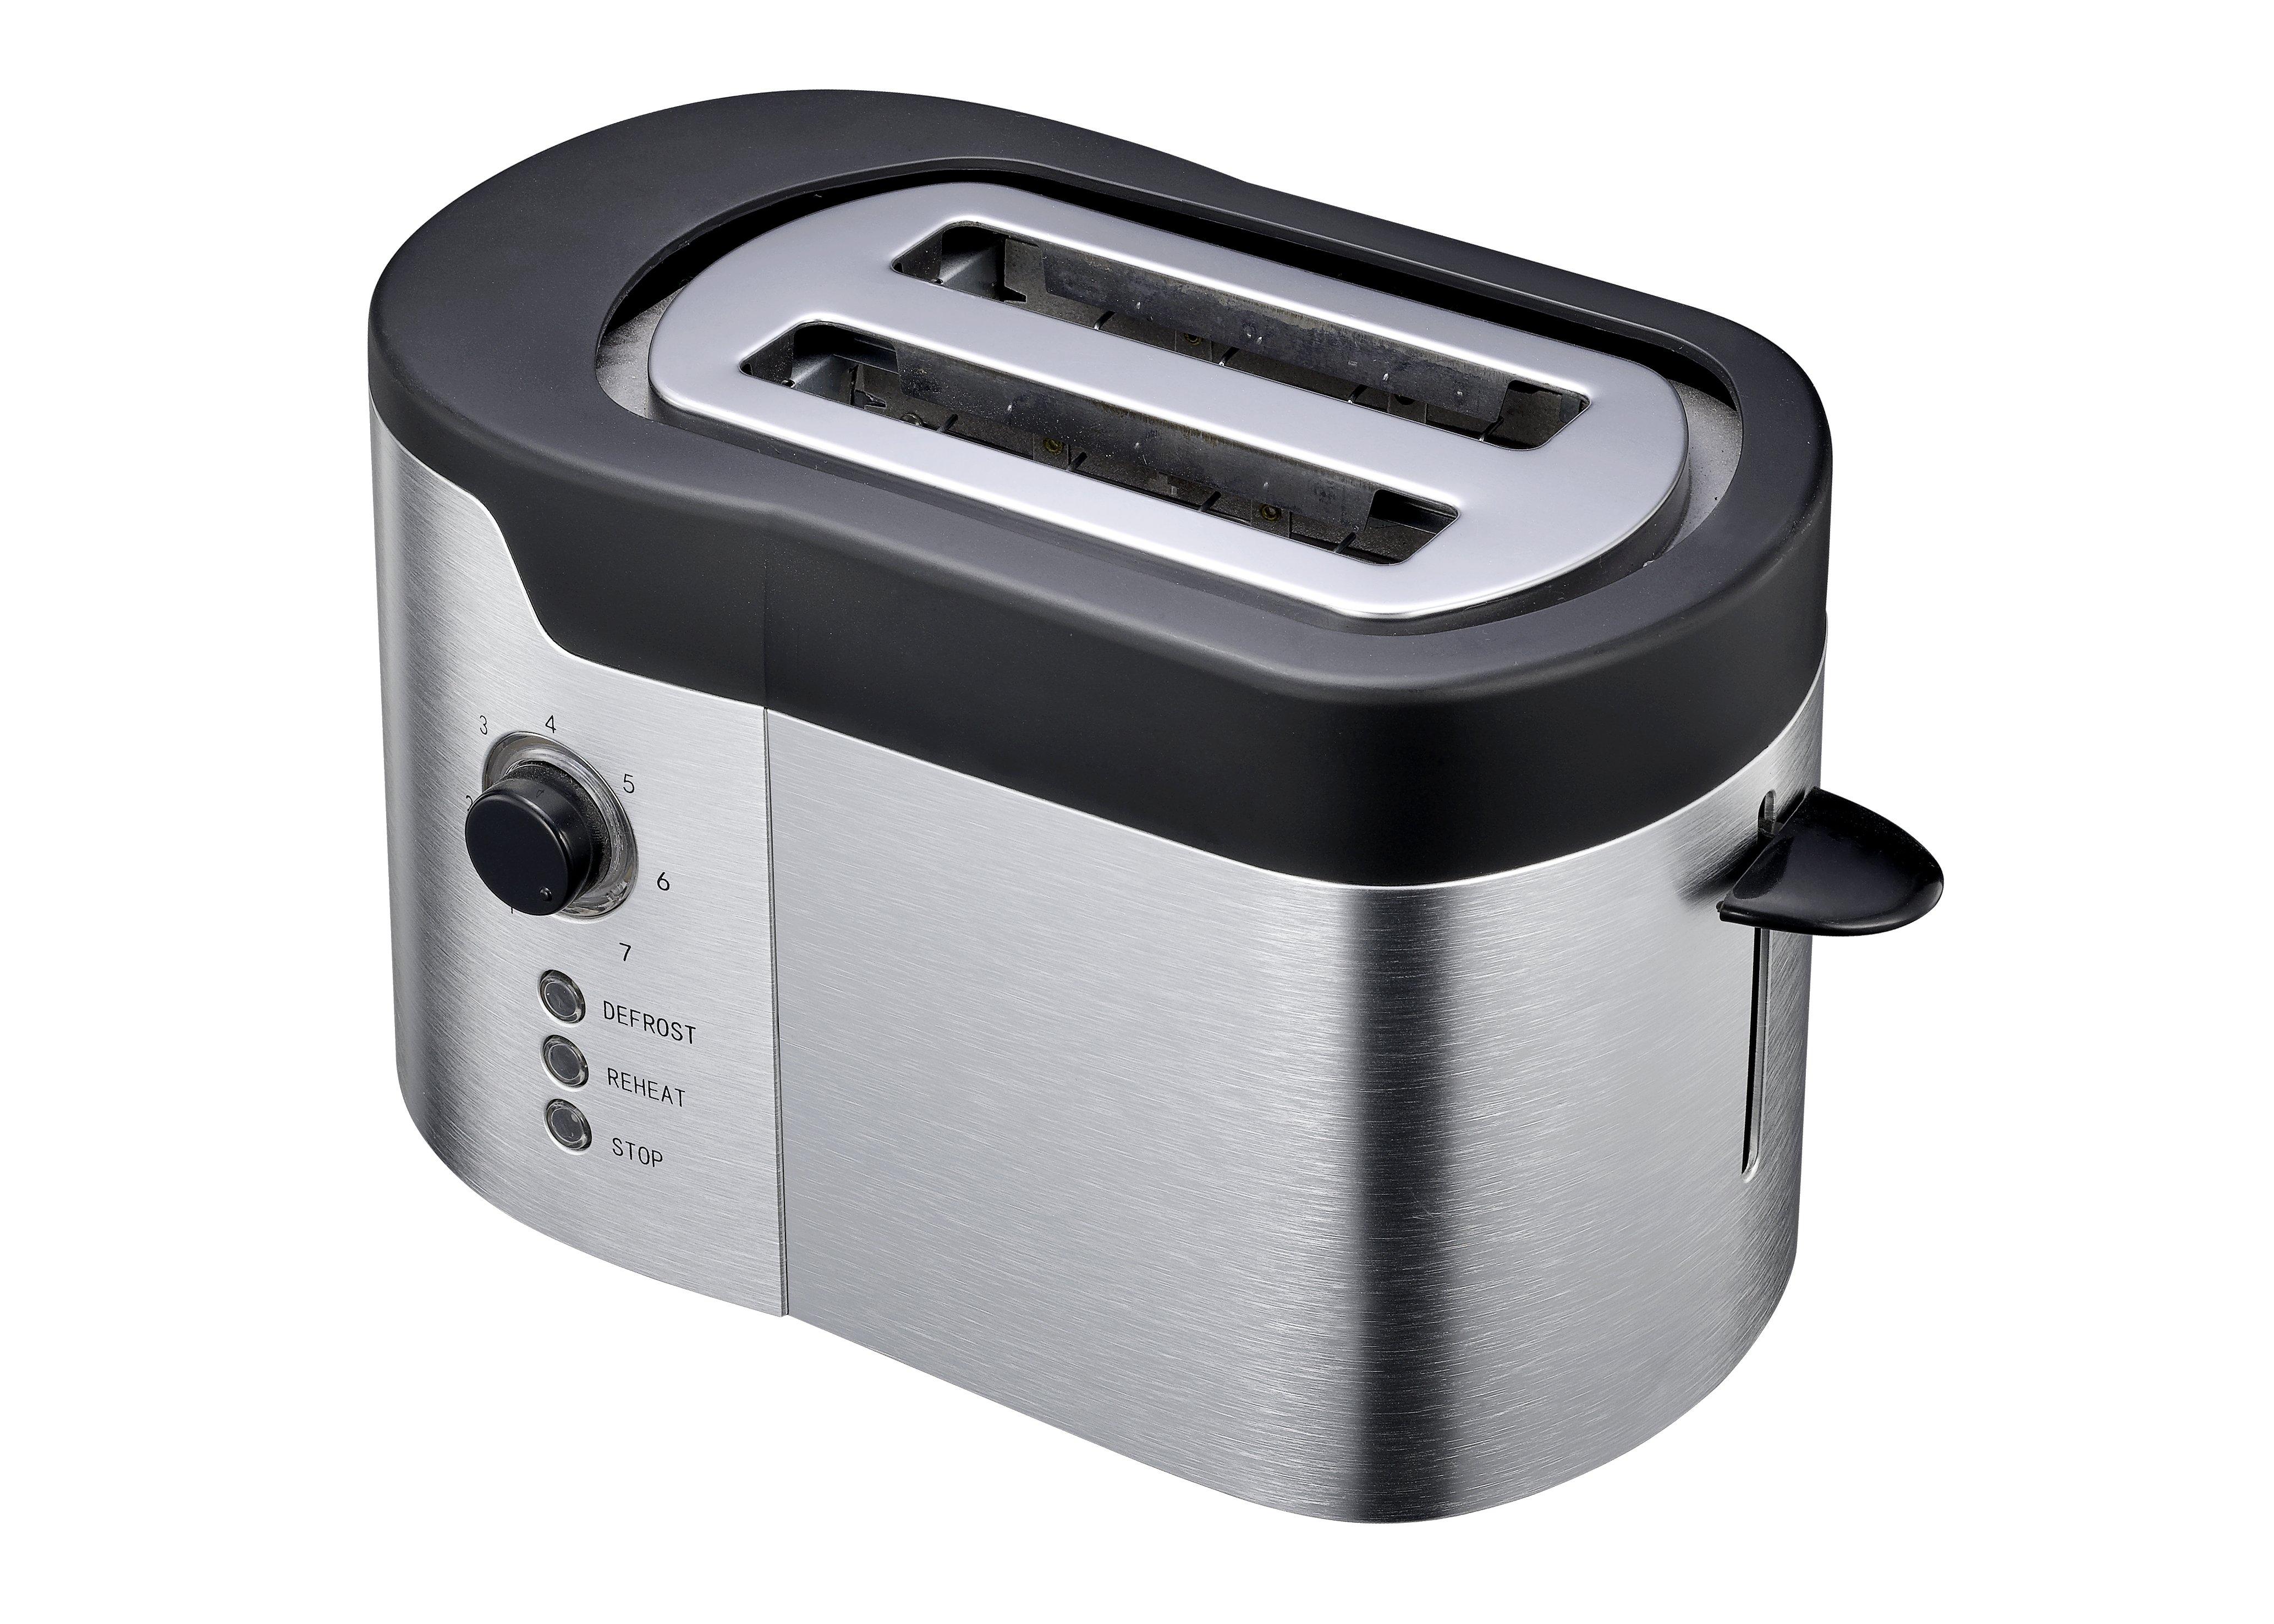 produit appareil de cuisine grille pain petit appareil appareil electrique